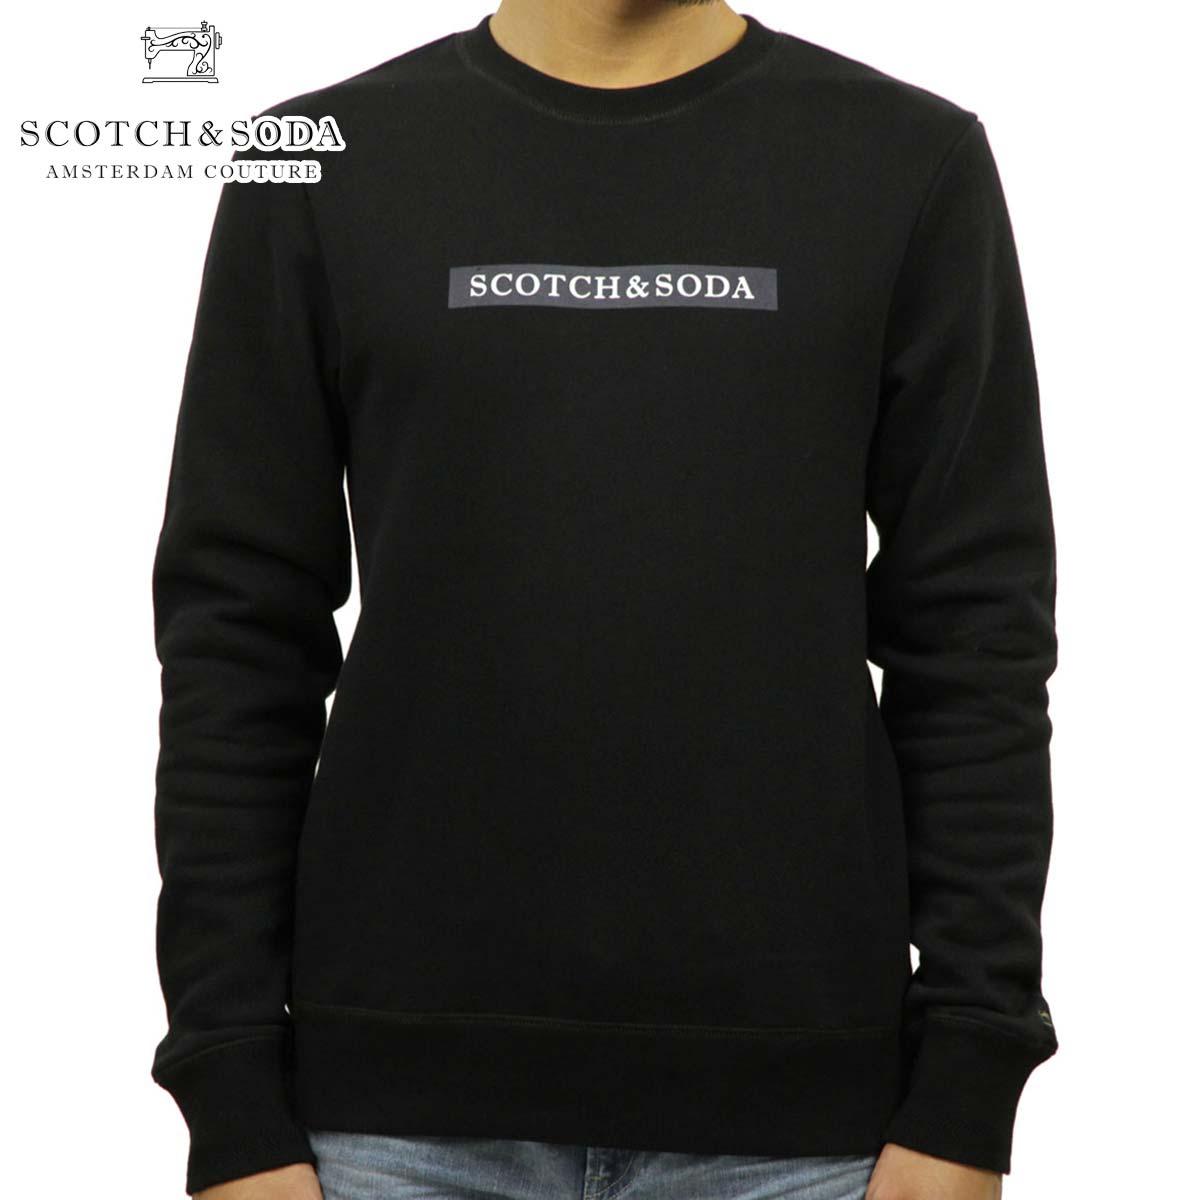 スコッチアンドソーダ SCOTCH&SODA 正規販売店 メンズ クルーネック スウェット CLEAN CREWNECK SWEAT 145482 0008 63833 BLACK